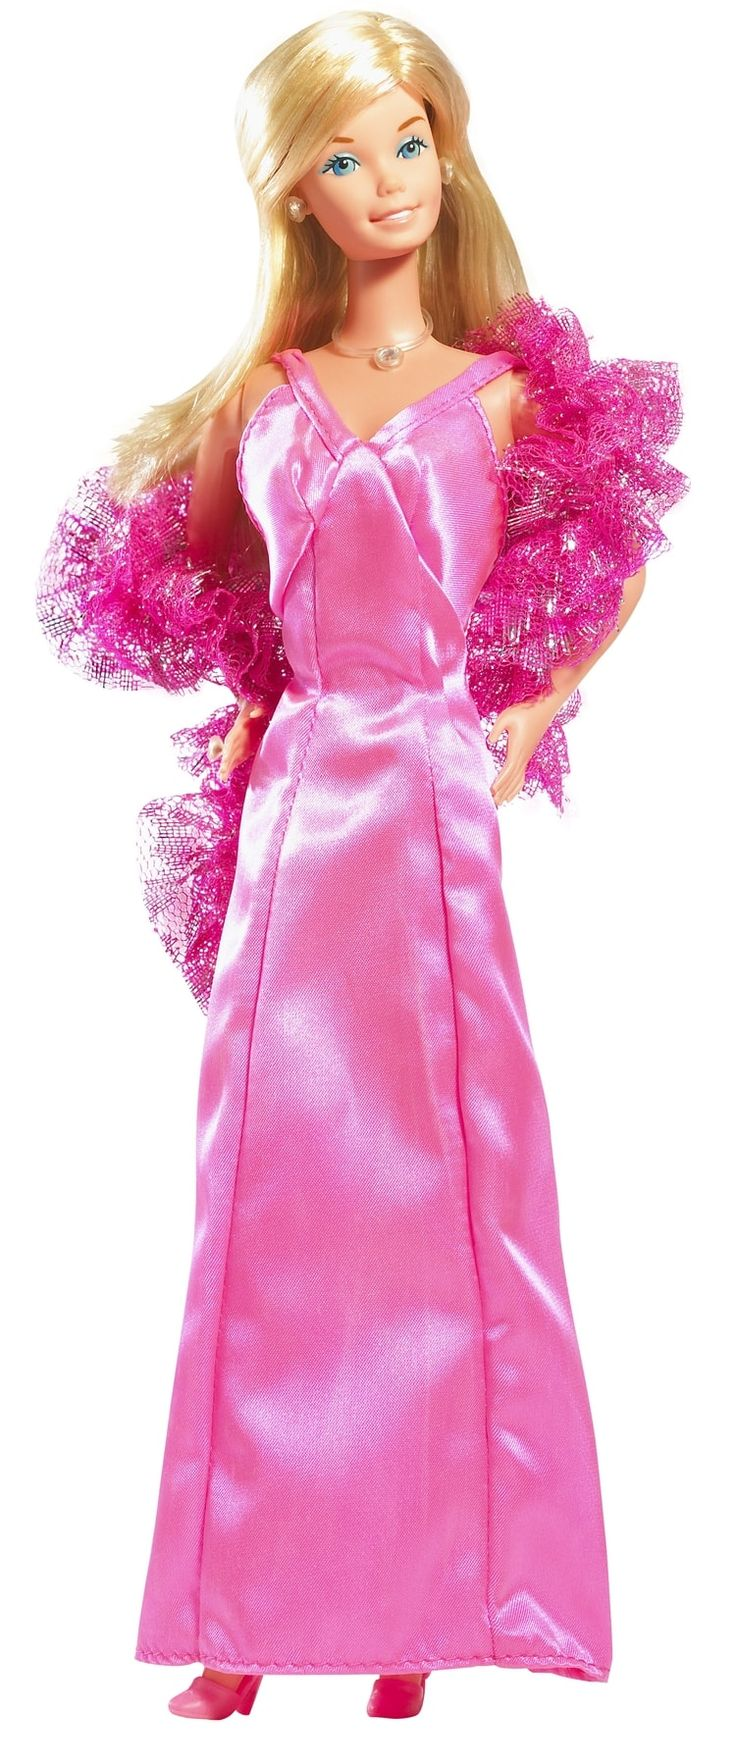 Barbie Annee 80, Enfance, Barbie Girl, Poupées Barbie, Vêtements De Barbie,  Jouets 1970, Barbie Trucs, Poupées De Vie, Robe Rose